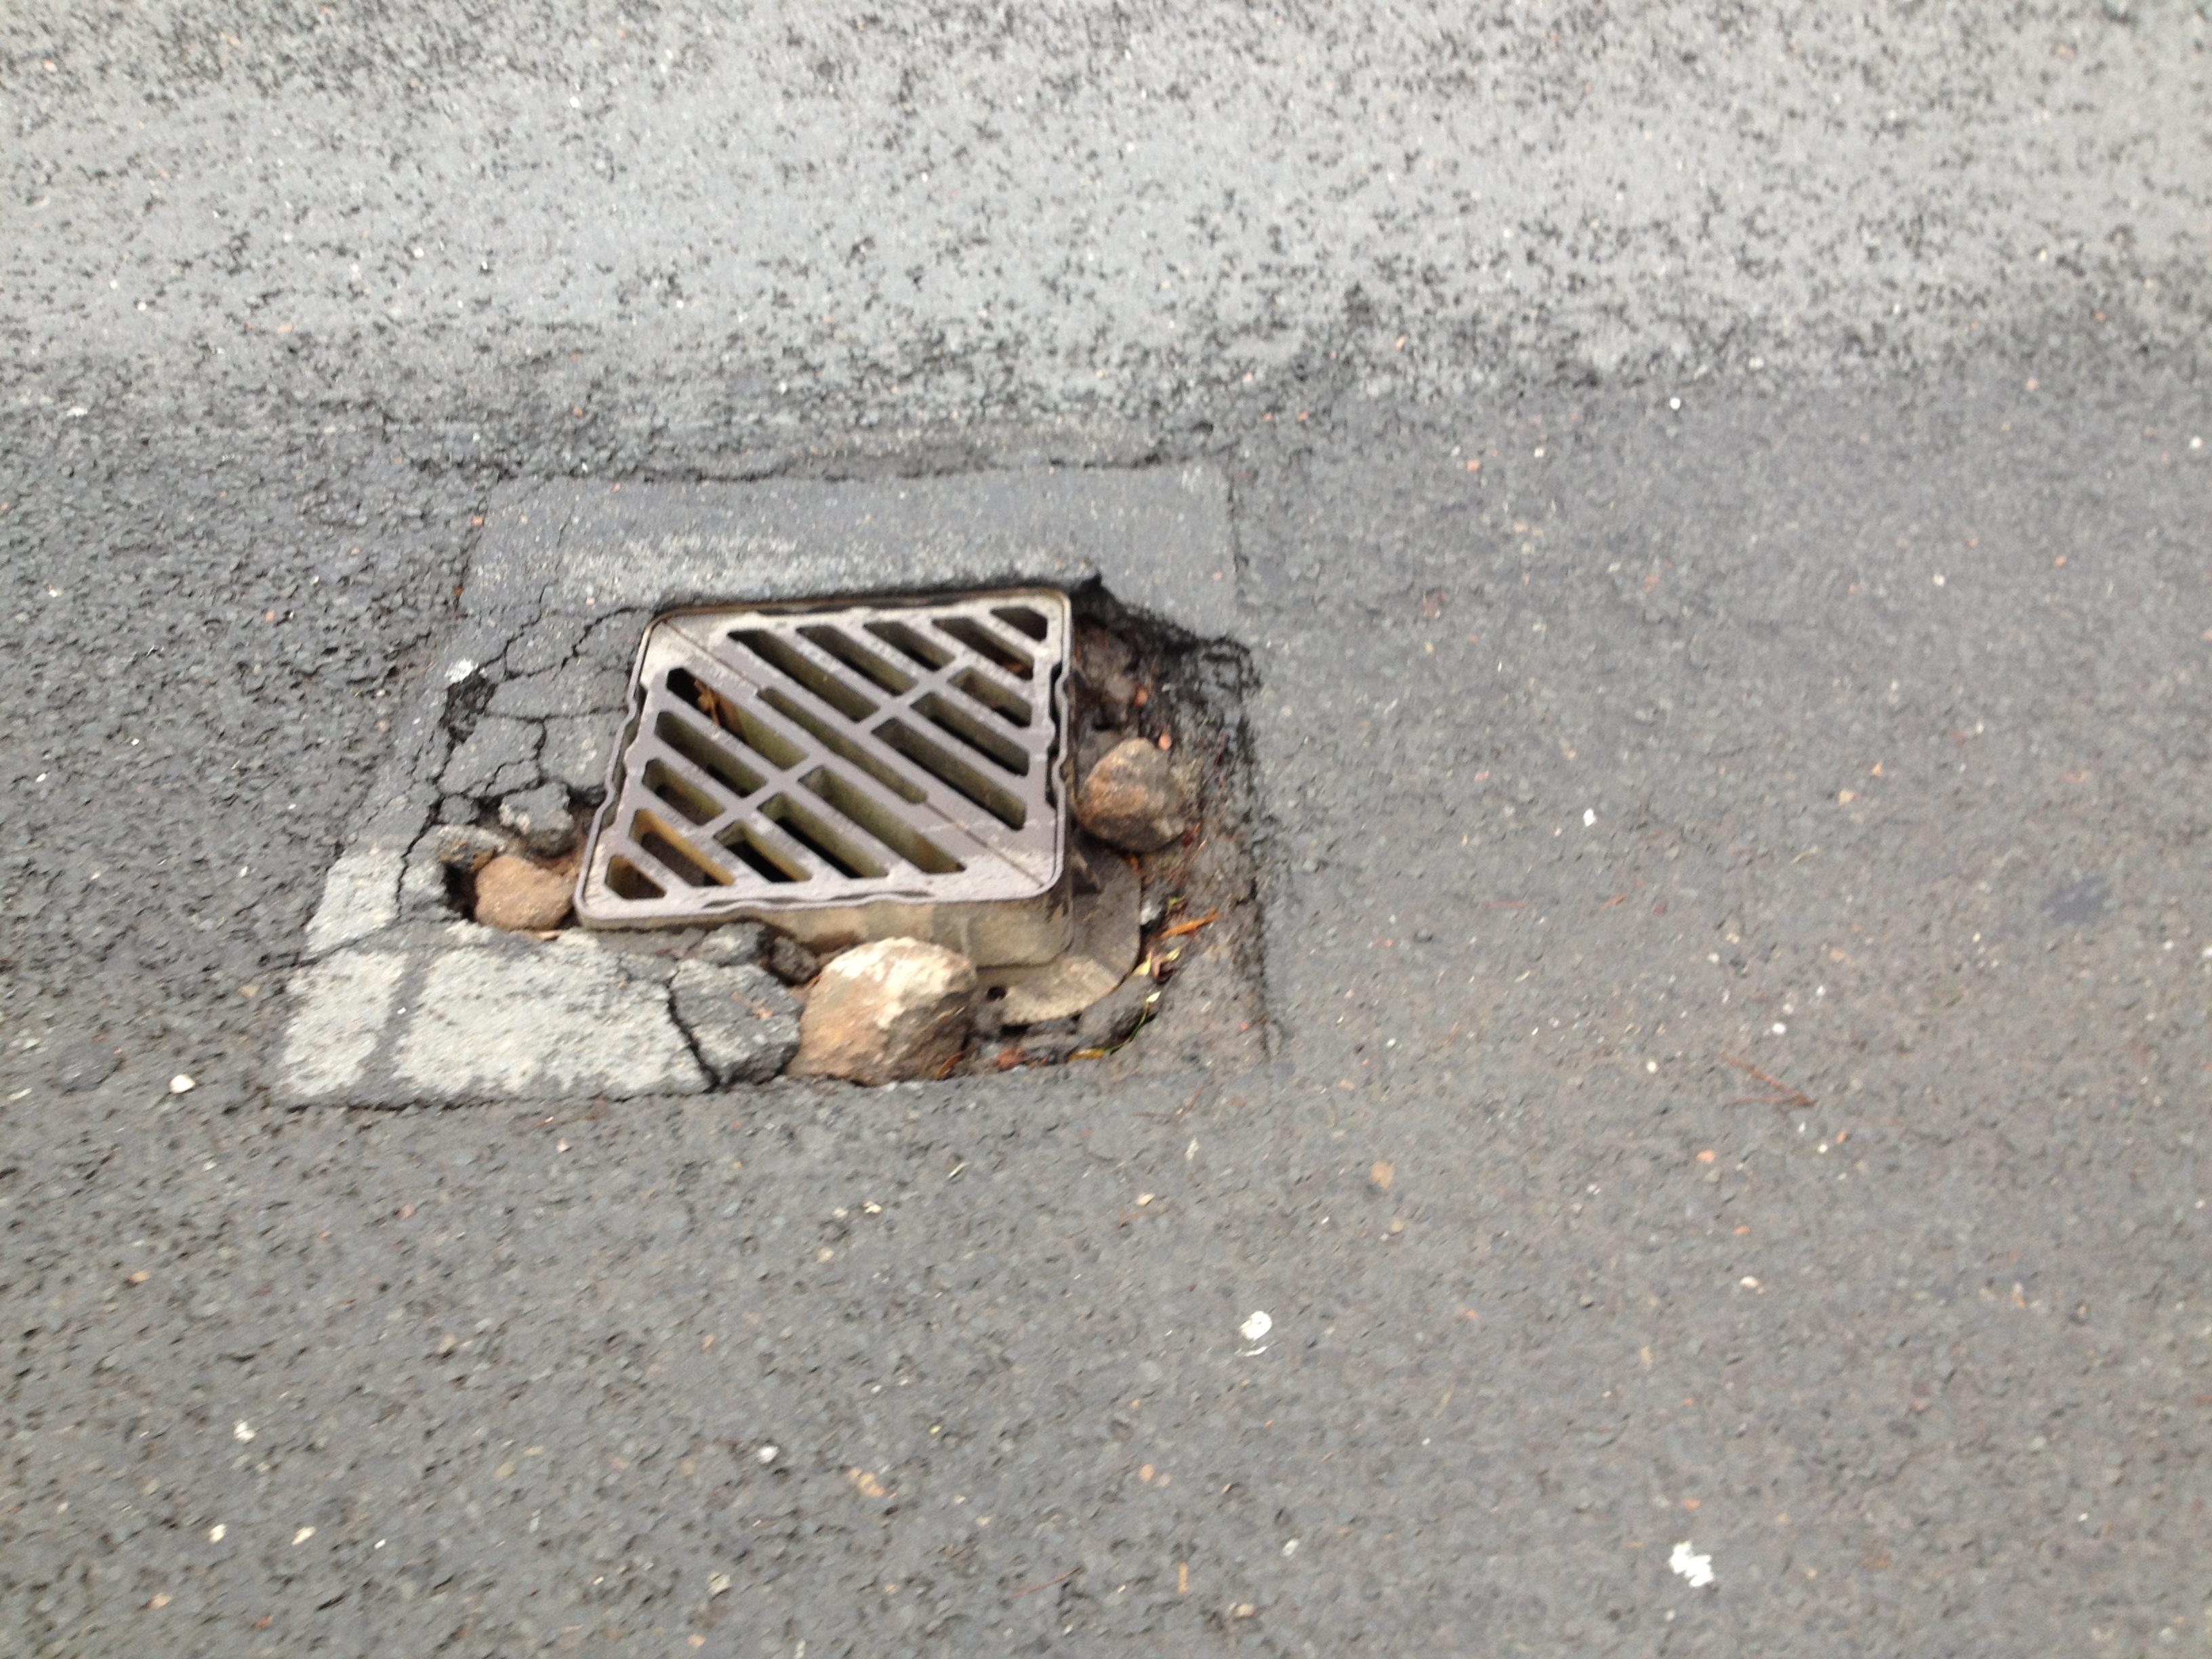 Nasty Pothole